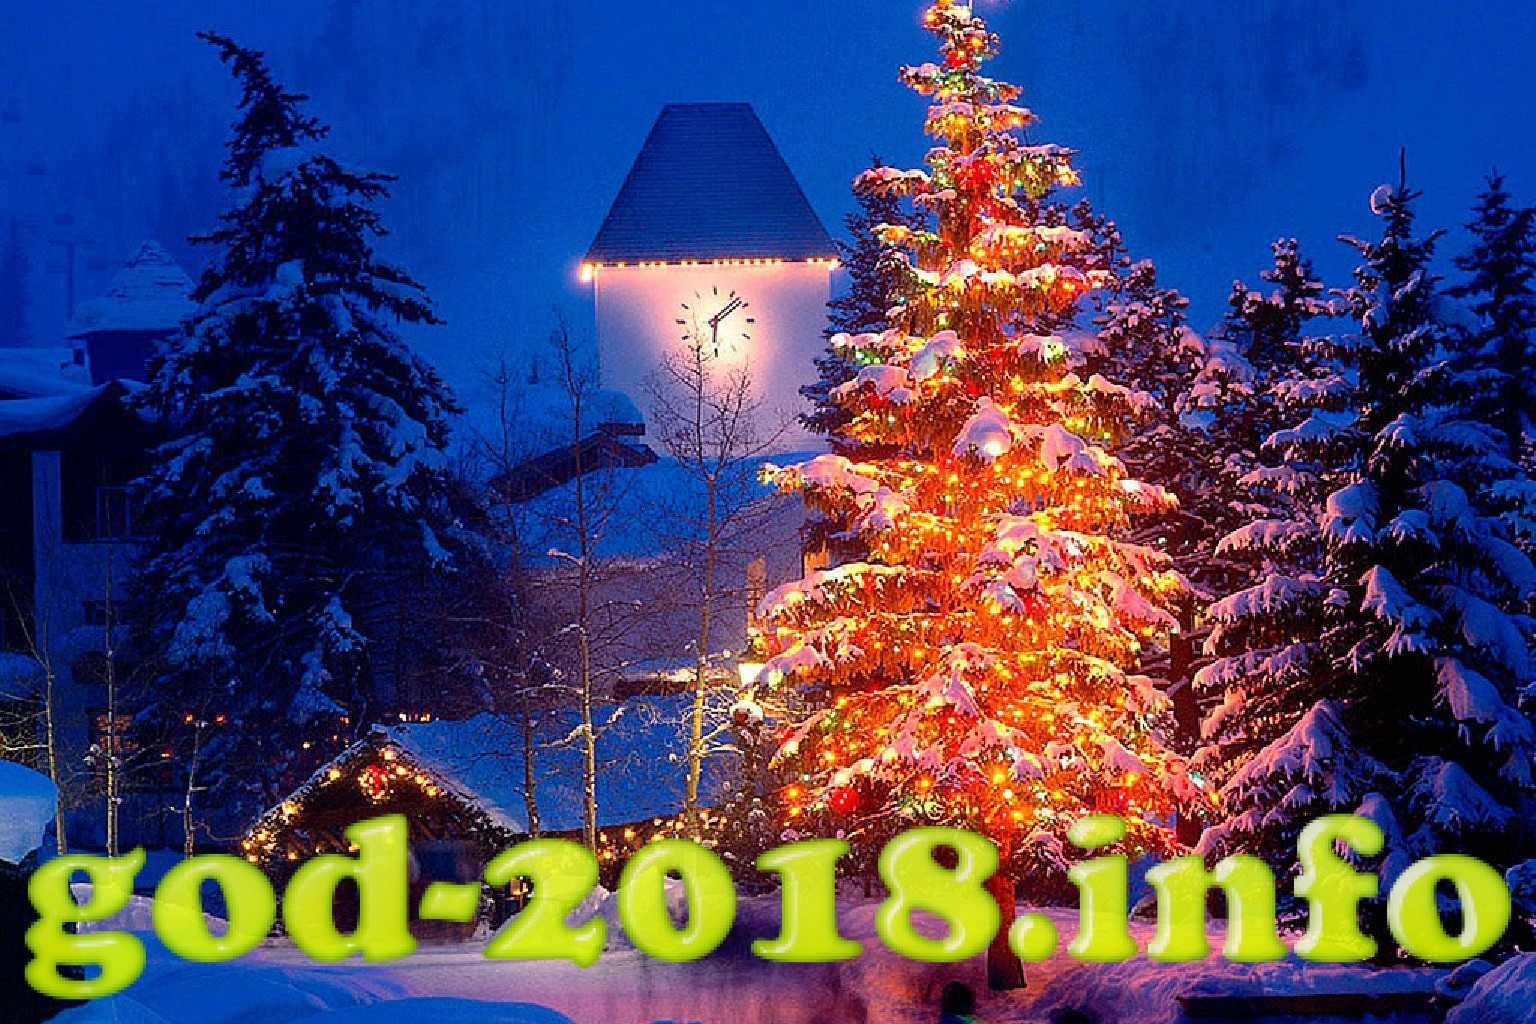 planirovanie-novogodnego-otdyha-v-karelii-novyj-god-2018-foto